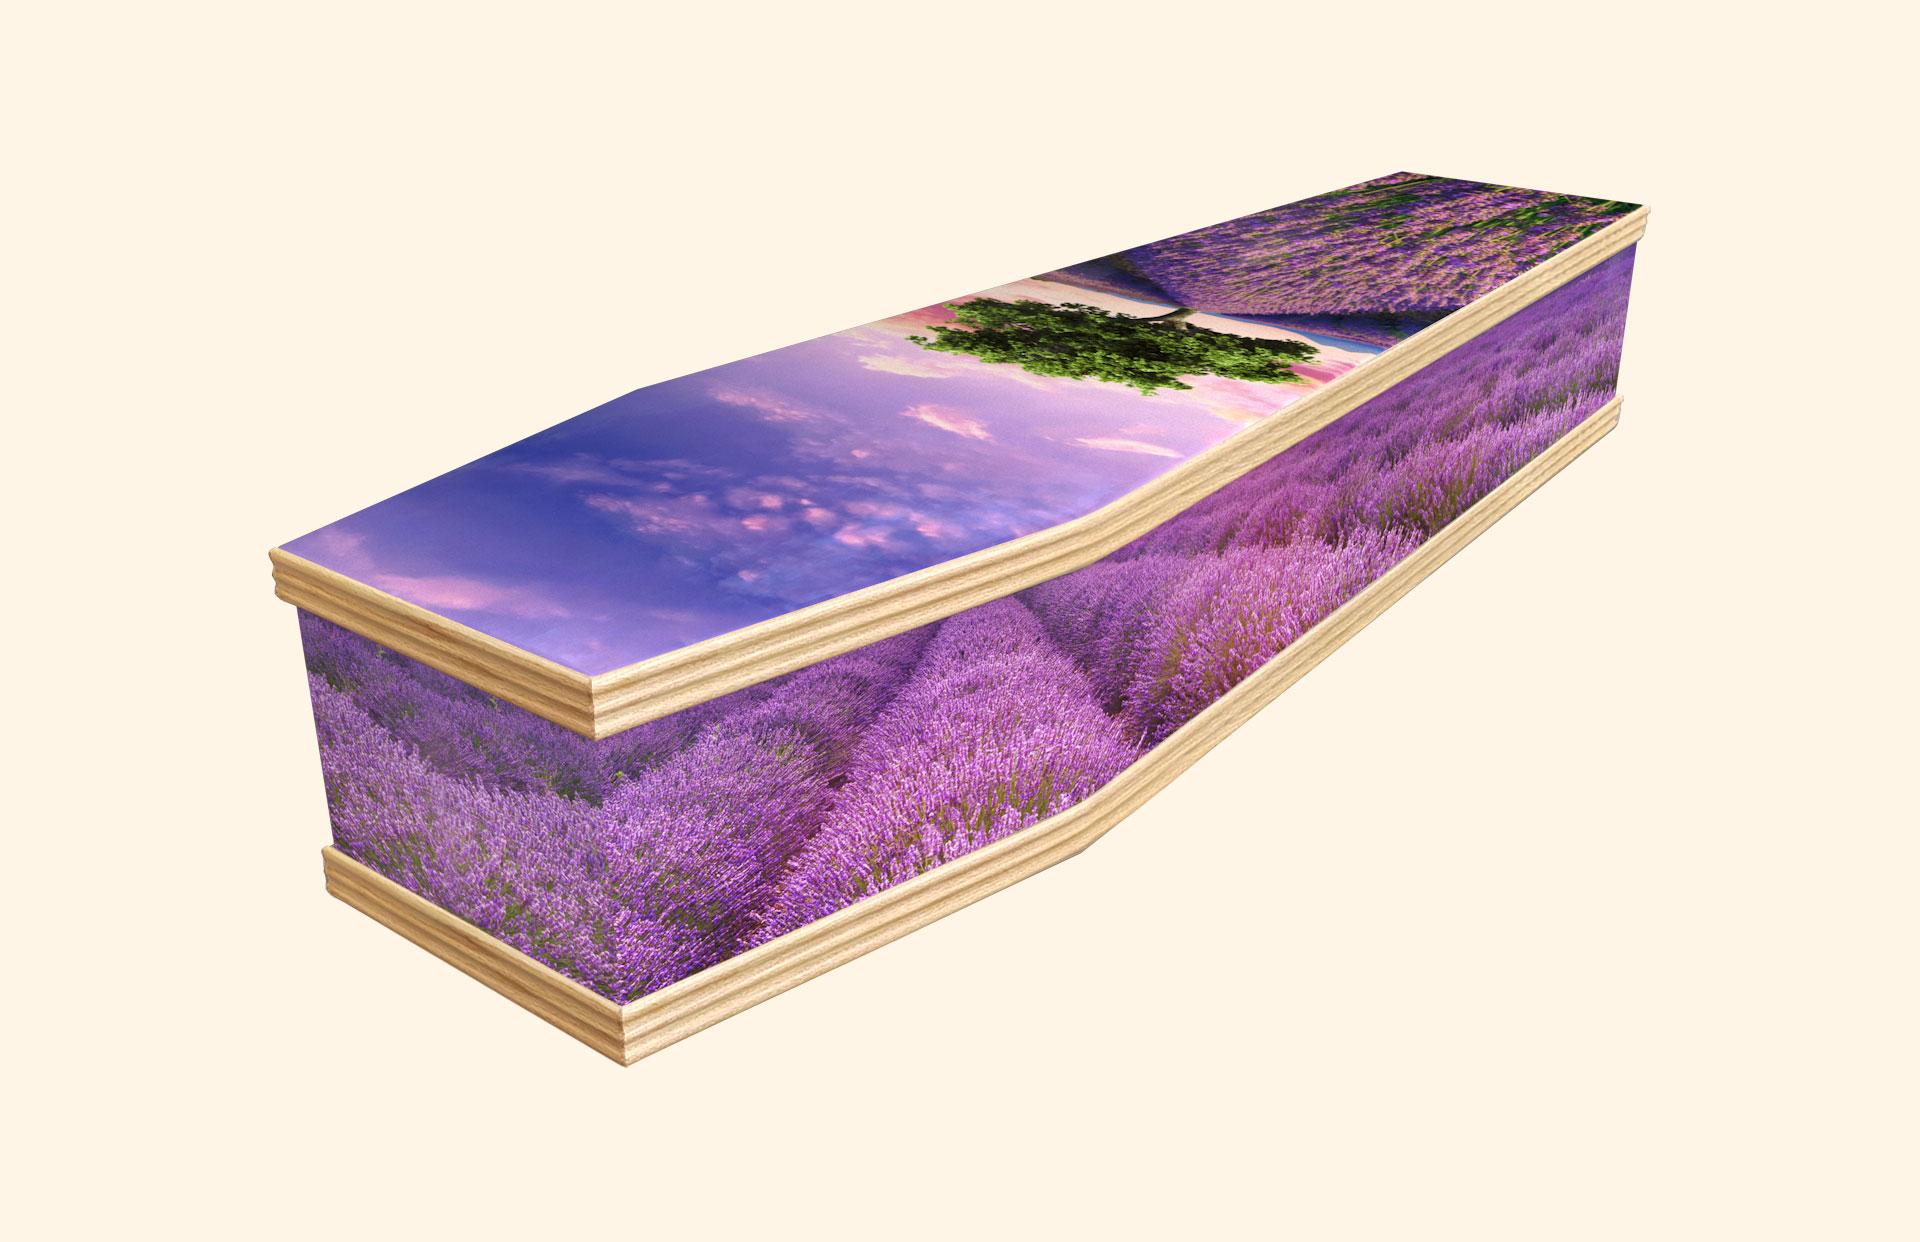 Lavender Field Classic coffin